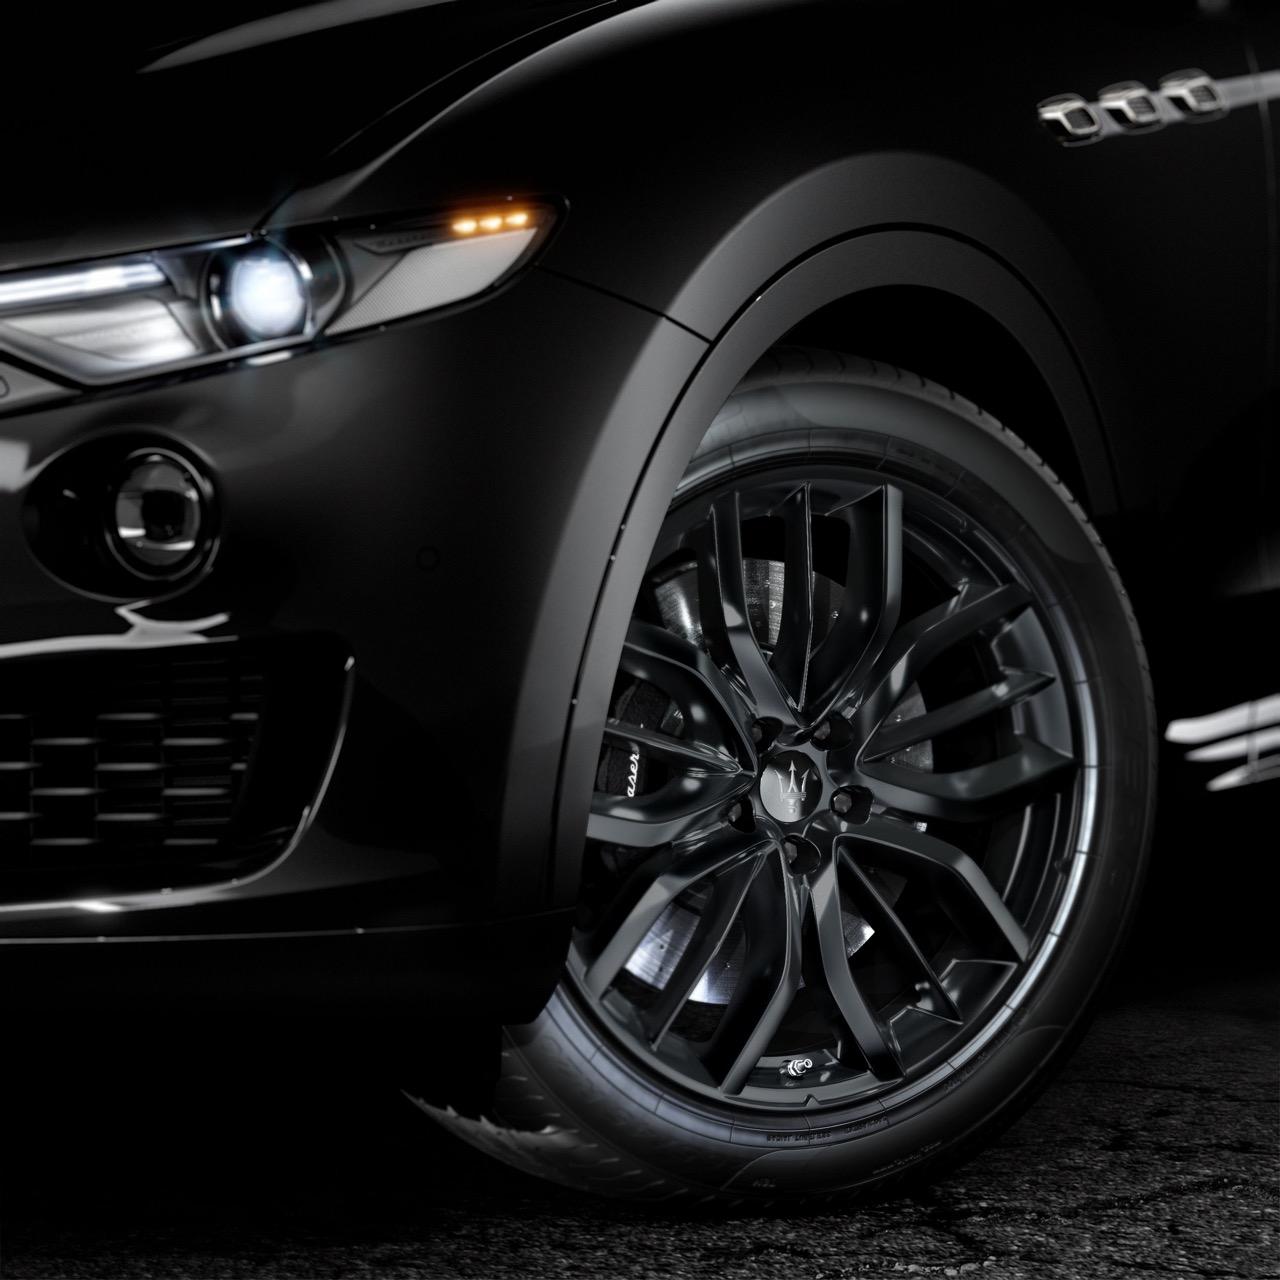 Maserati-Geneve-Nerissimo-09